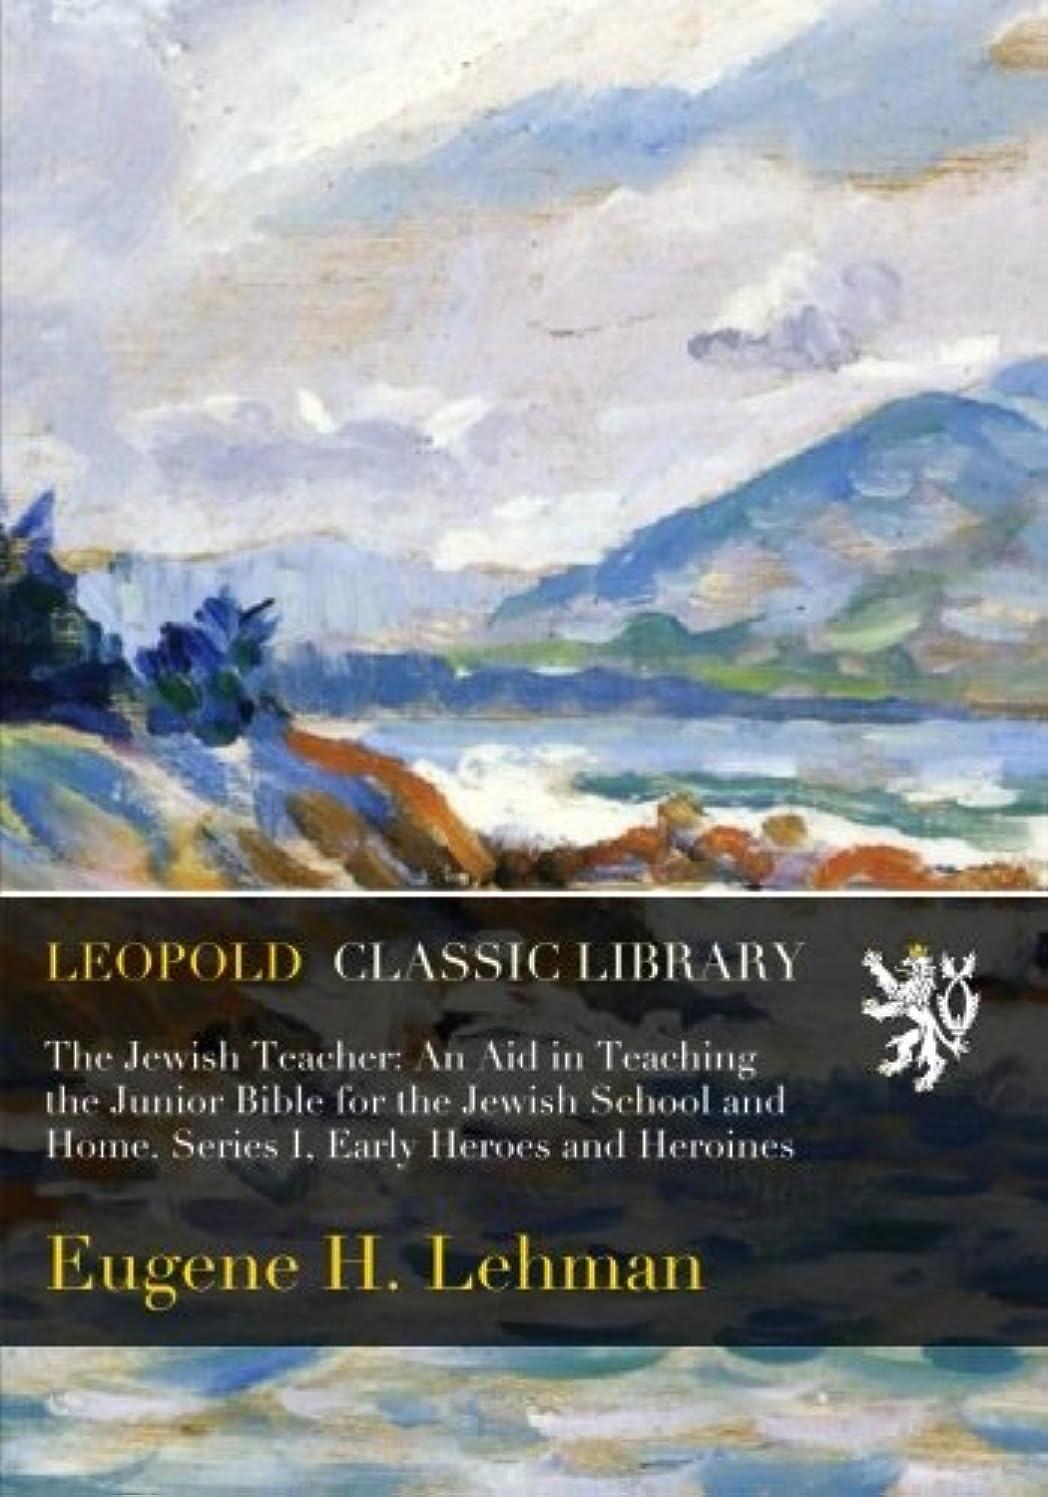 みなさんハンサムカウンターパートThe Jewish Teacher: An Aid in Teaching the Junior Bible for the Jewish School and Home. Series I, Early Heroes and Heroines